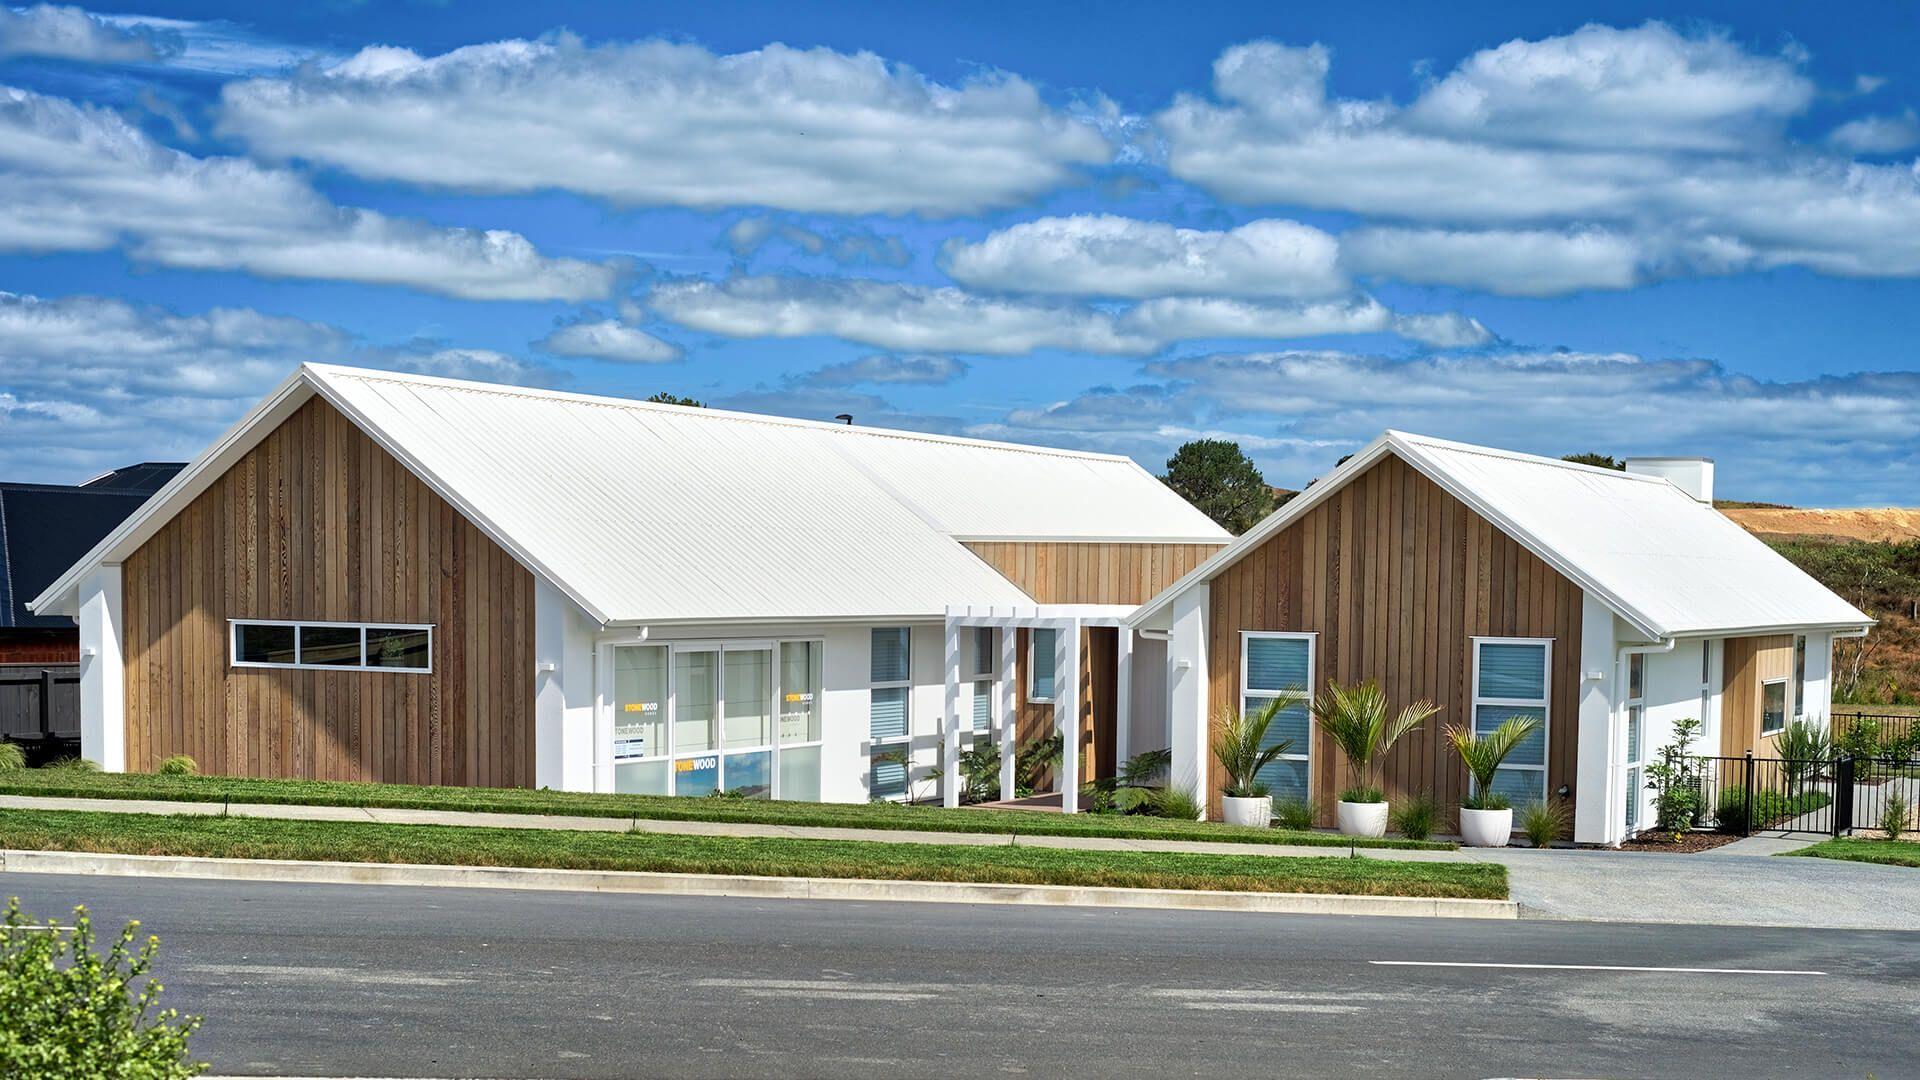 Image description Contemporary house plans, White brick